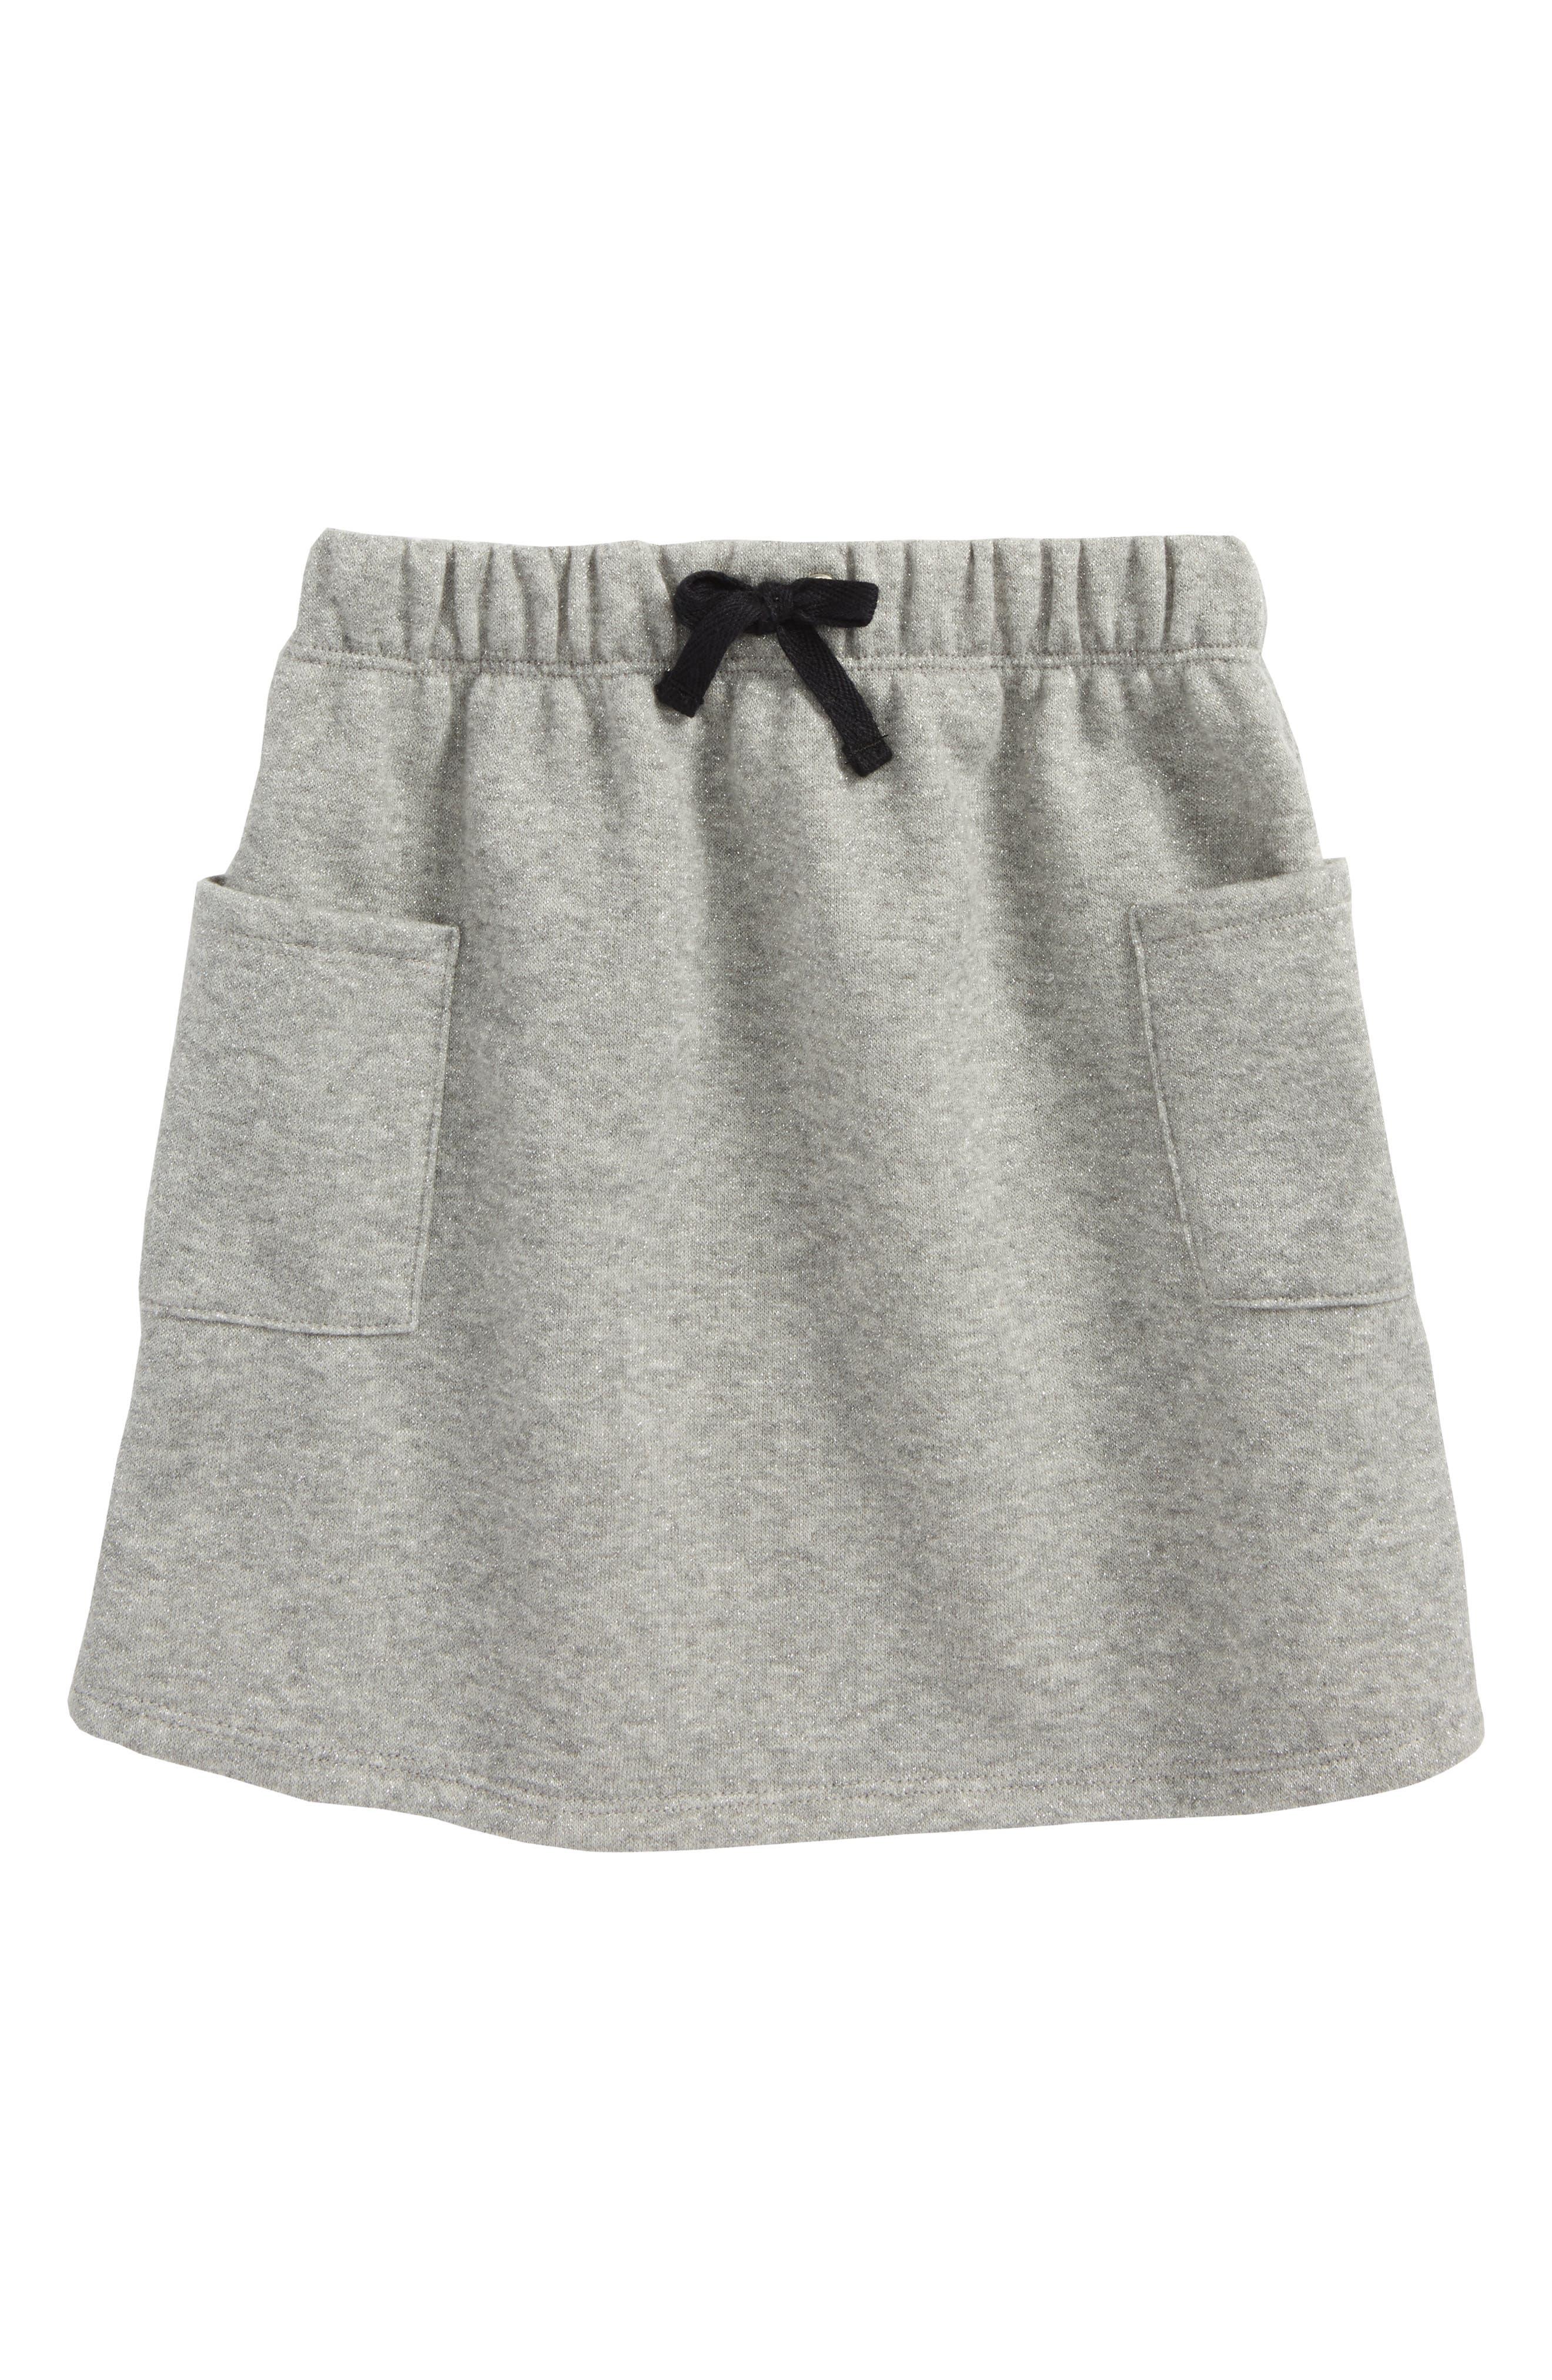 Sparkle Terry Skirt,                             Main thumbnail 1, color,                             Grey Medium Heather